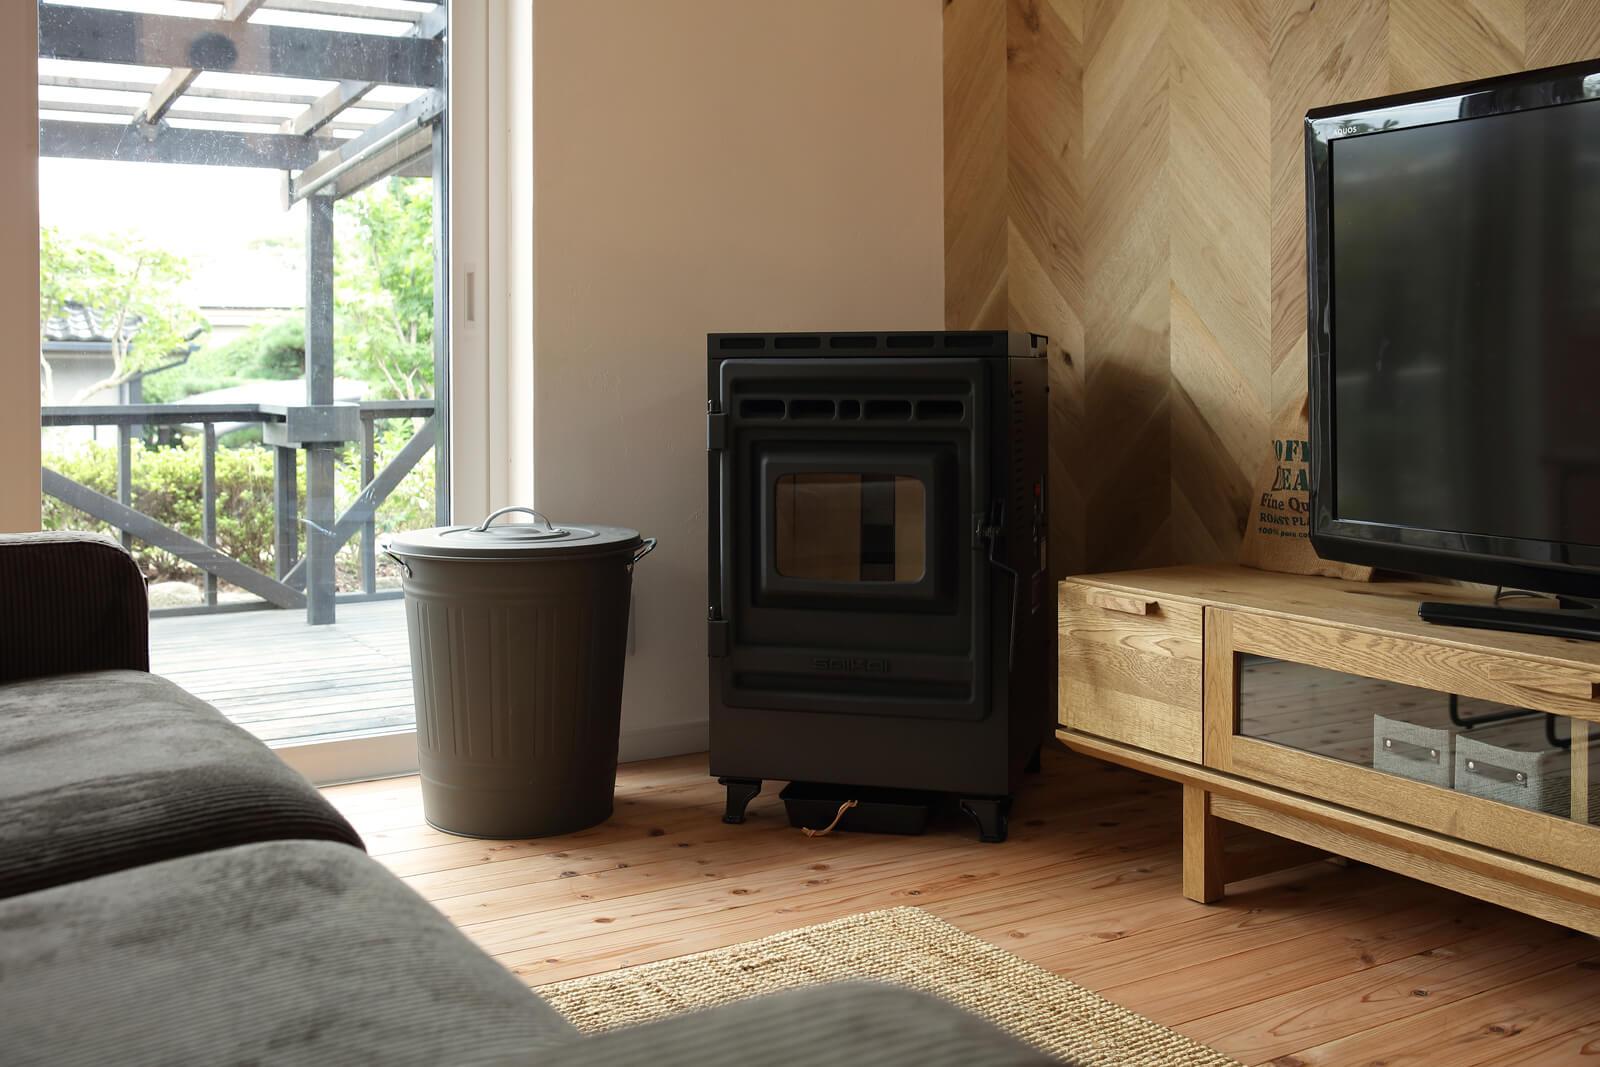 暖房には同社推奨のペレットストーブを導入。空気を汚すことなく、室内全体をじんわりと暖めてくれるので、身体にも優しい